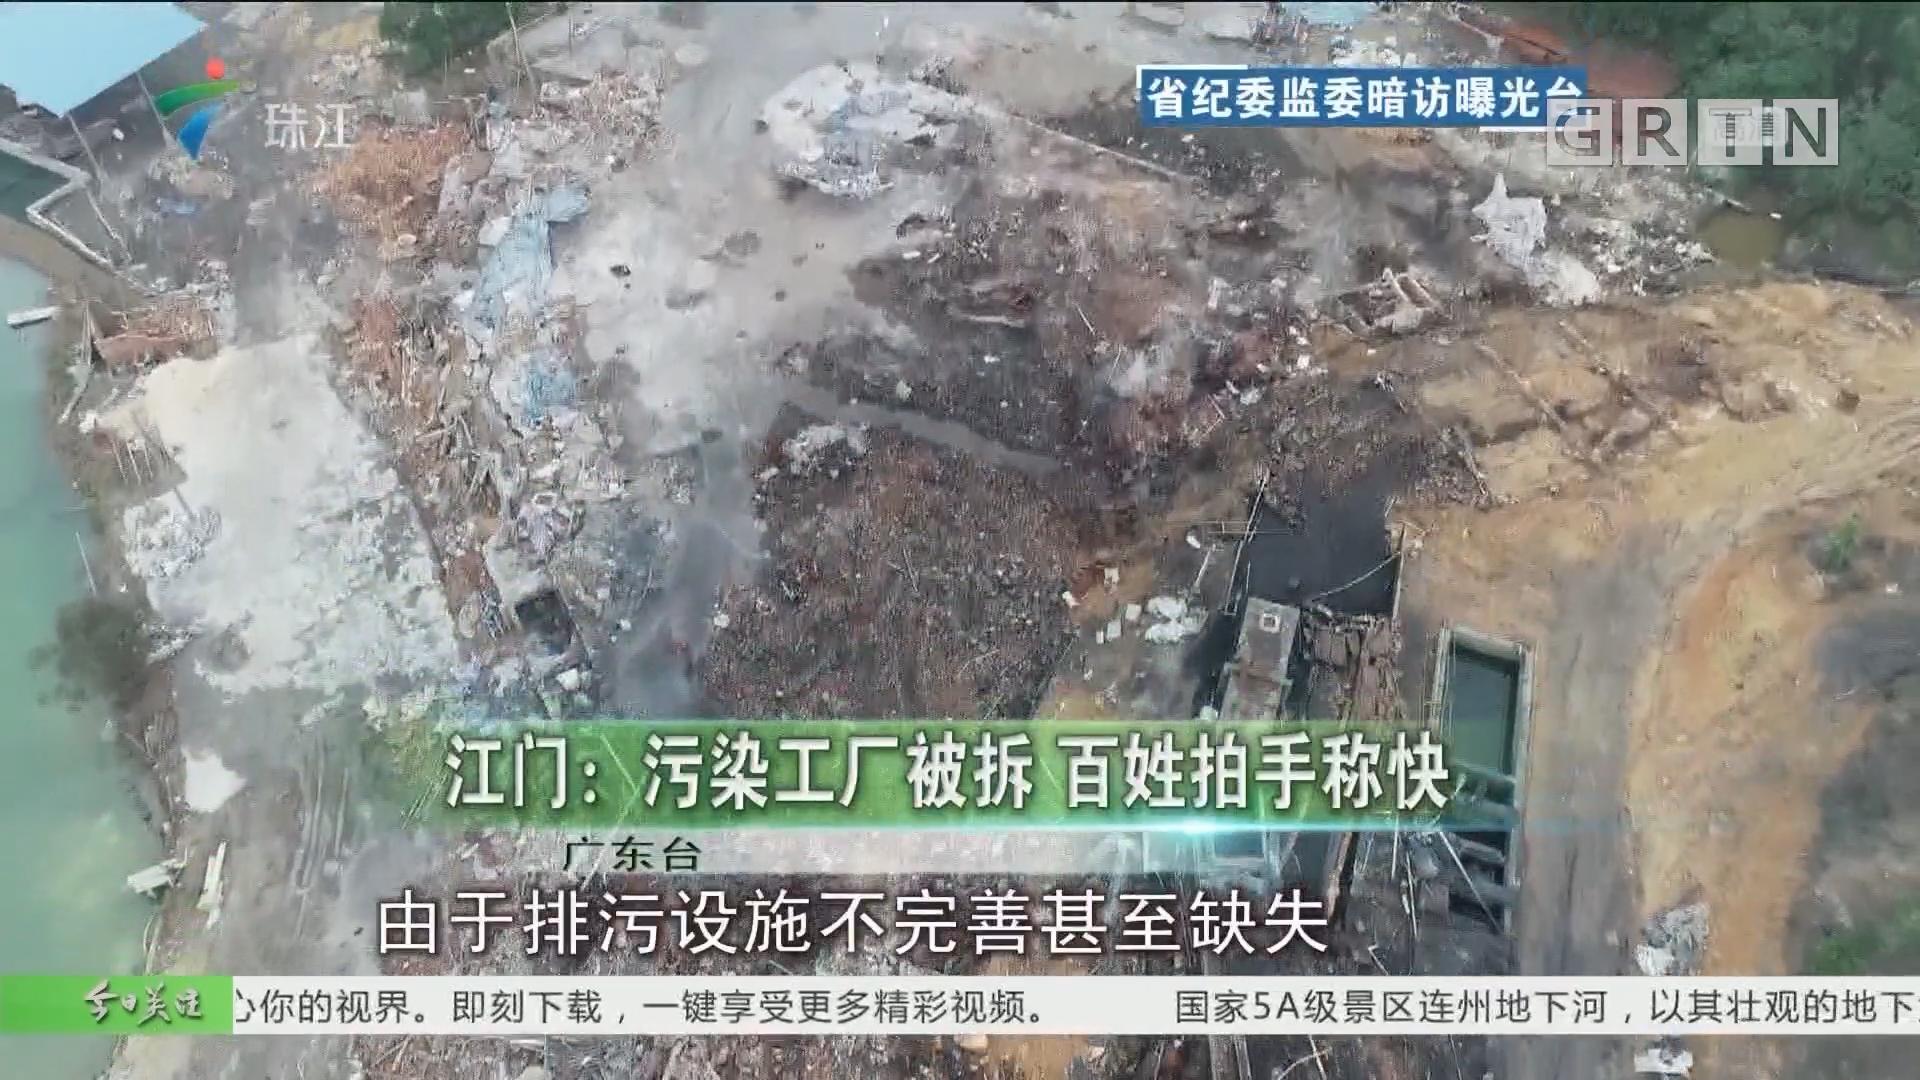 江门:污染工厂被拆 百姓拍手称快